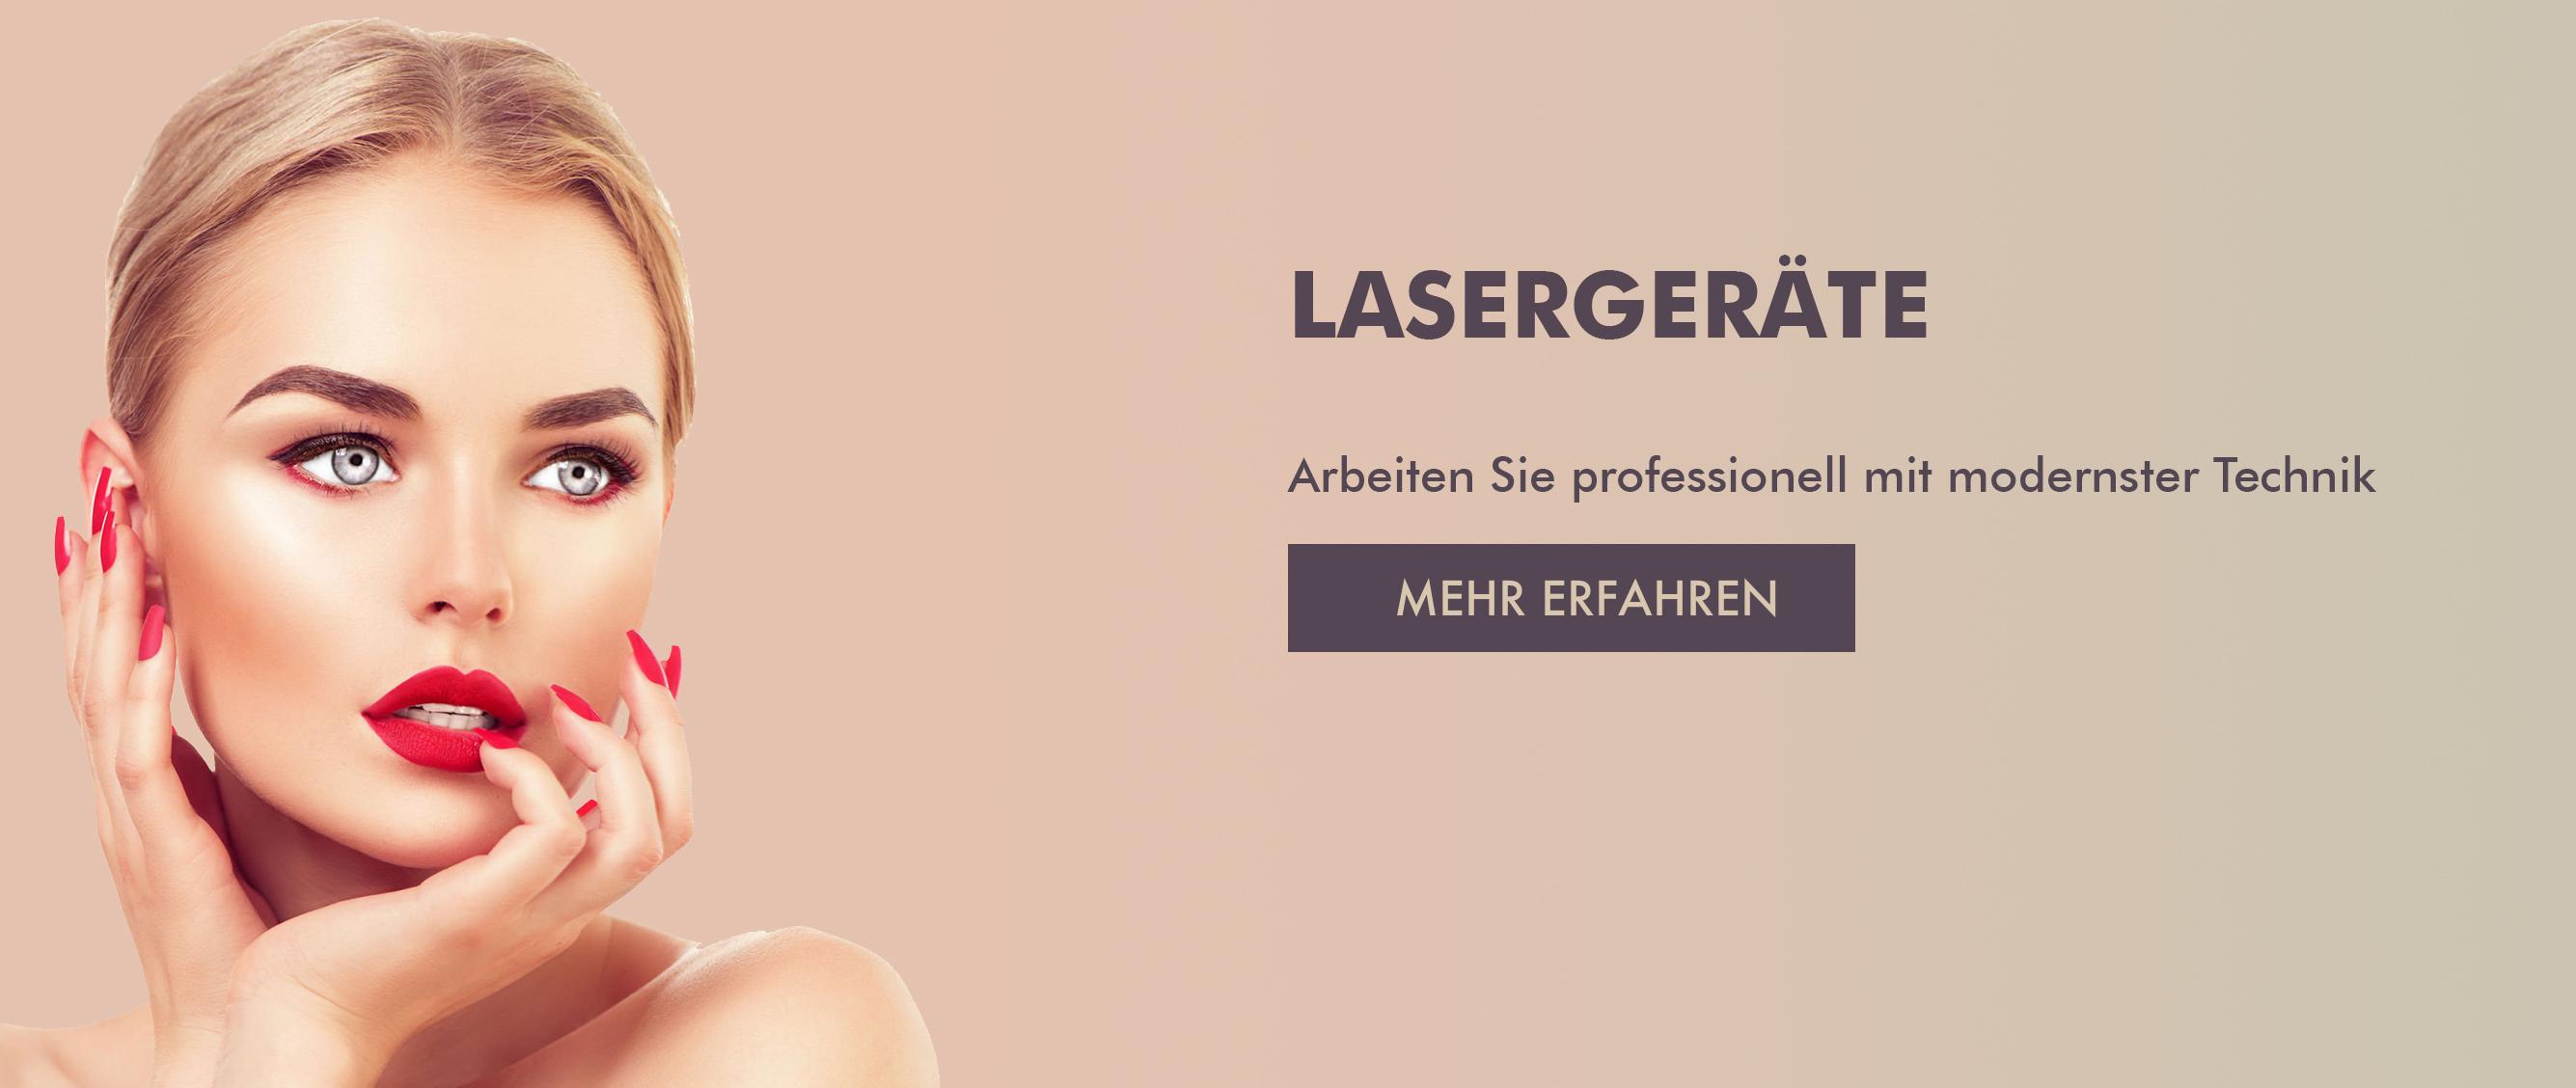 30102018-2_DPPL-banner_lasergeraete